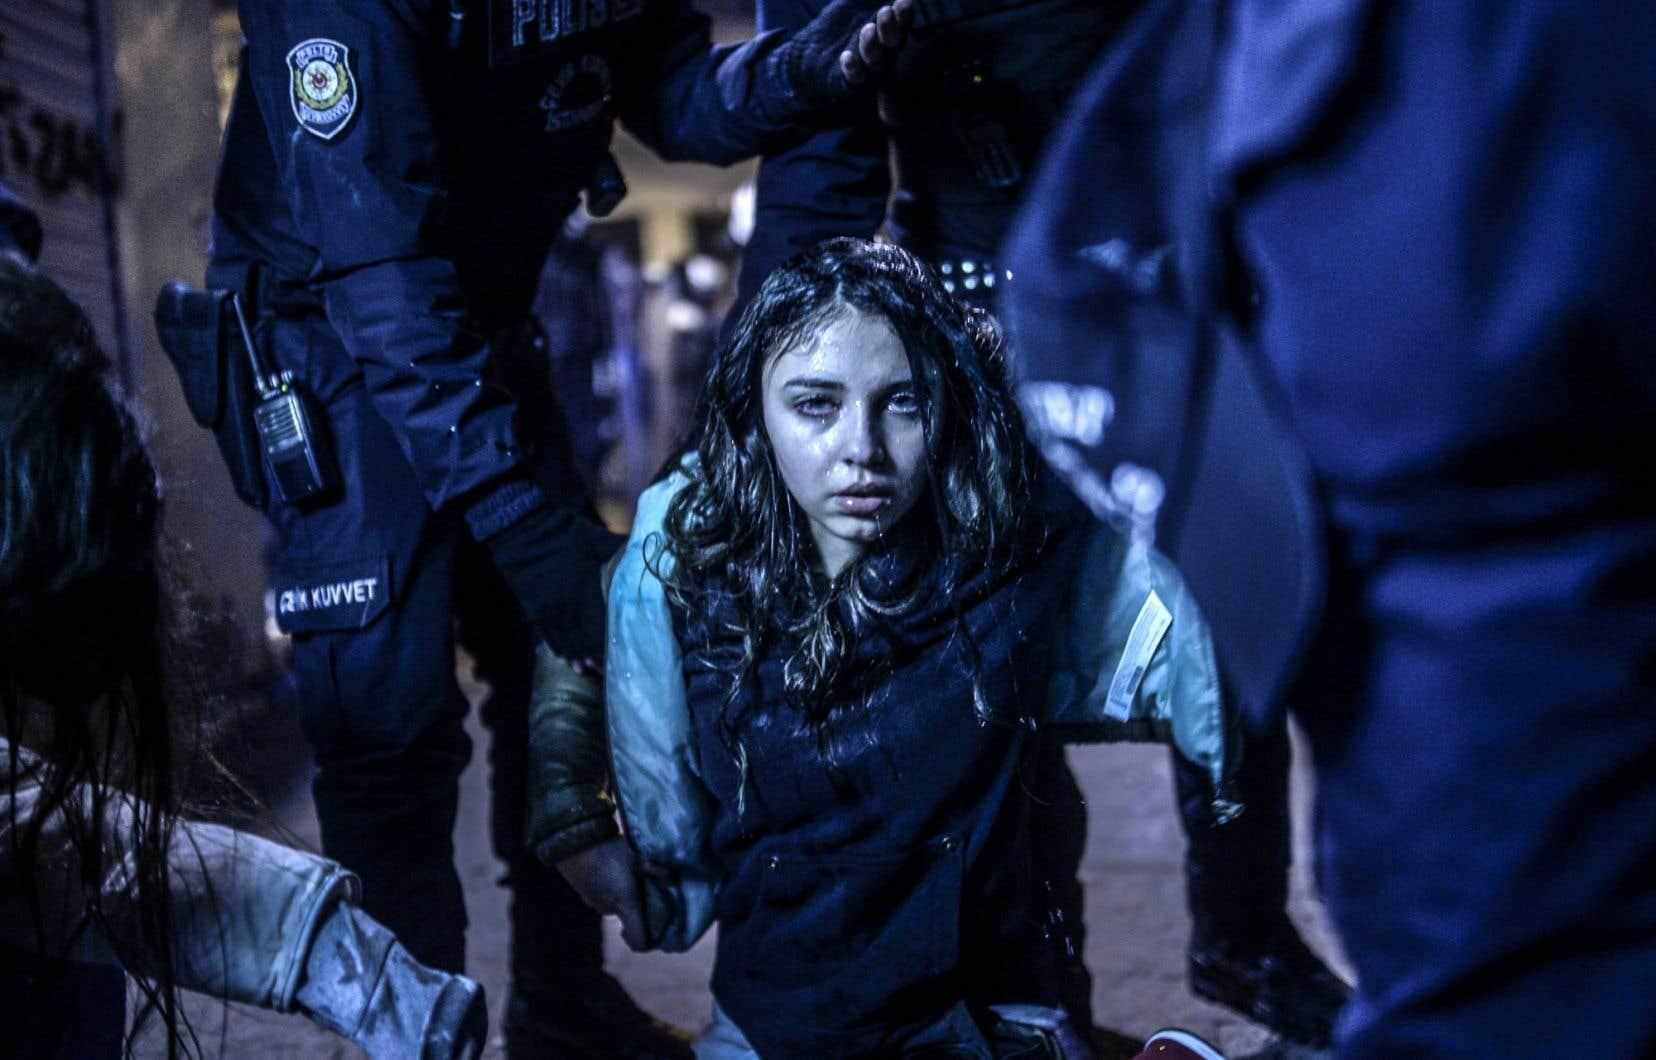 1er prix, catégorie Actualités, Photos. À Istanbul, en Turquie, une jeune manifestante est photographiée après avoir été blessée durant les affrontements entre la police antiémeute et les manifestants, faisant suite aux funérailles de Berkin Elvan, un garçon de 15ans qui a succombé aux blessures subies lors des protestations antigouvernementales de l'an dernier.